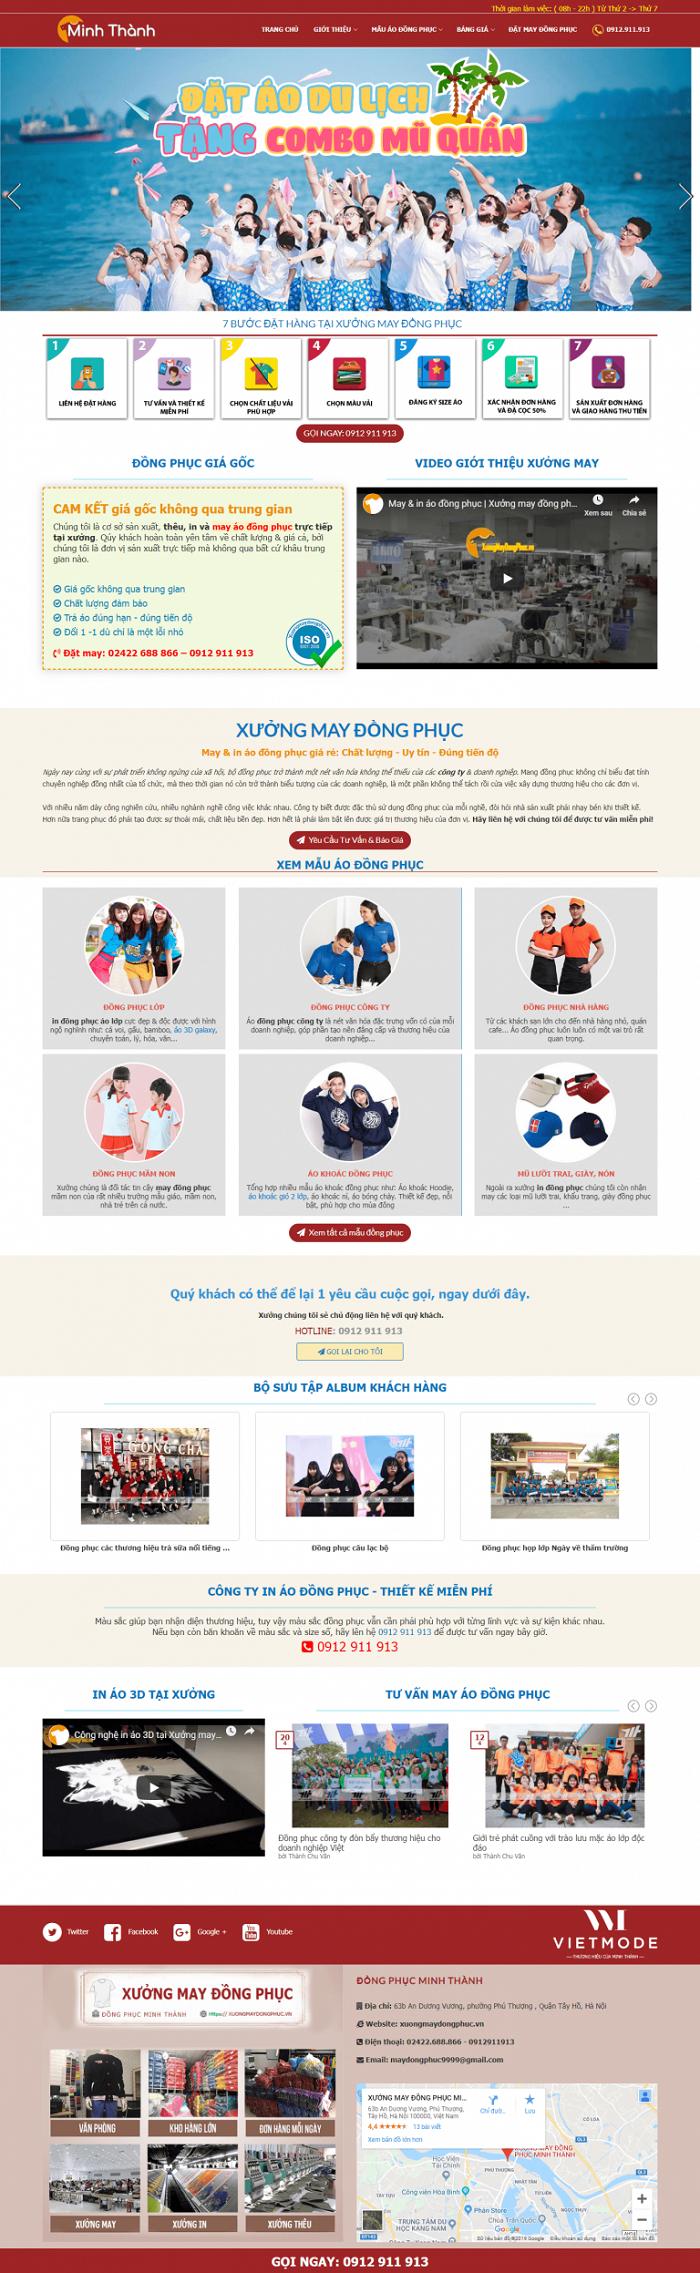 Thiết kế web xưởng may mặc thời trang